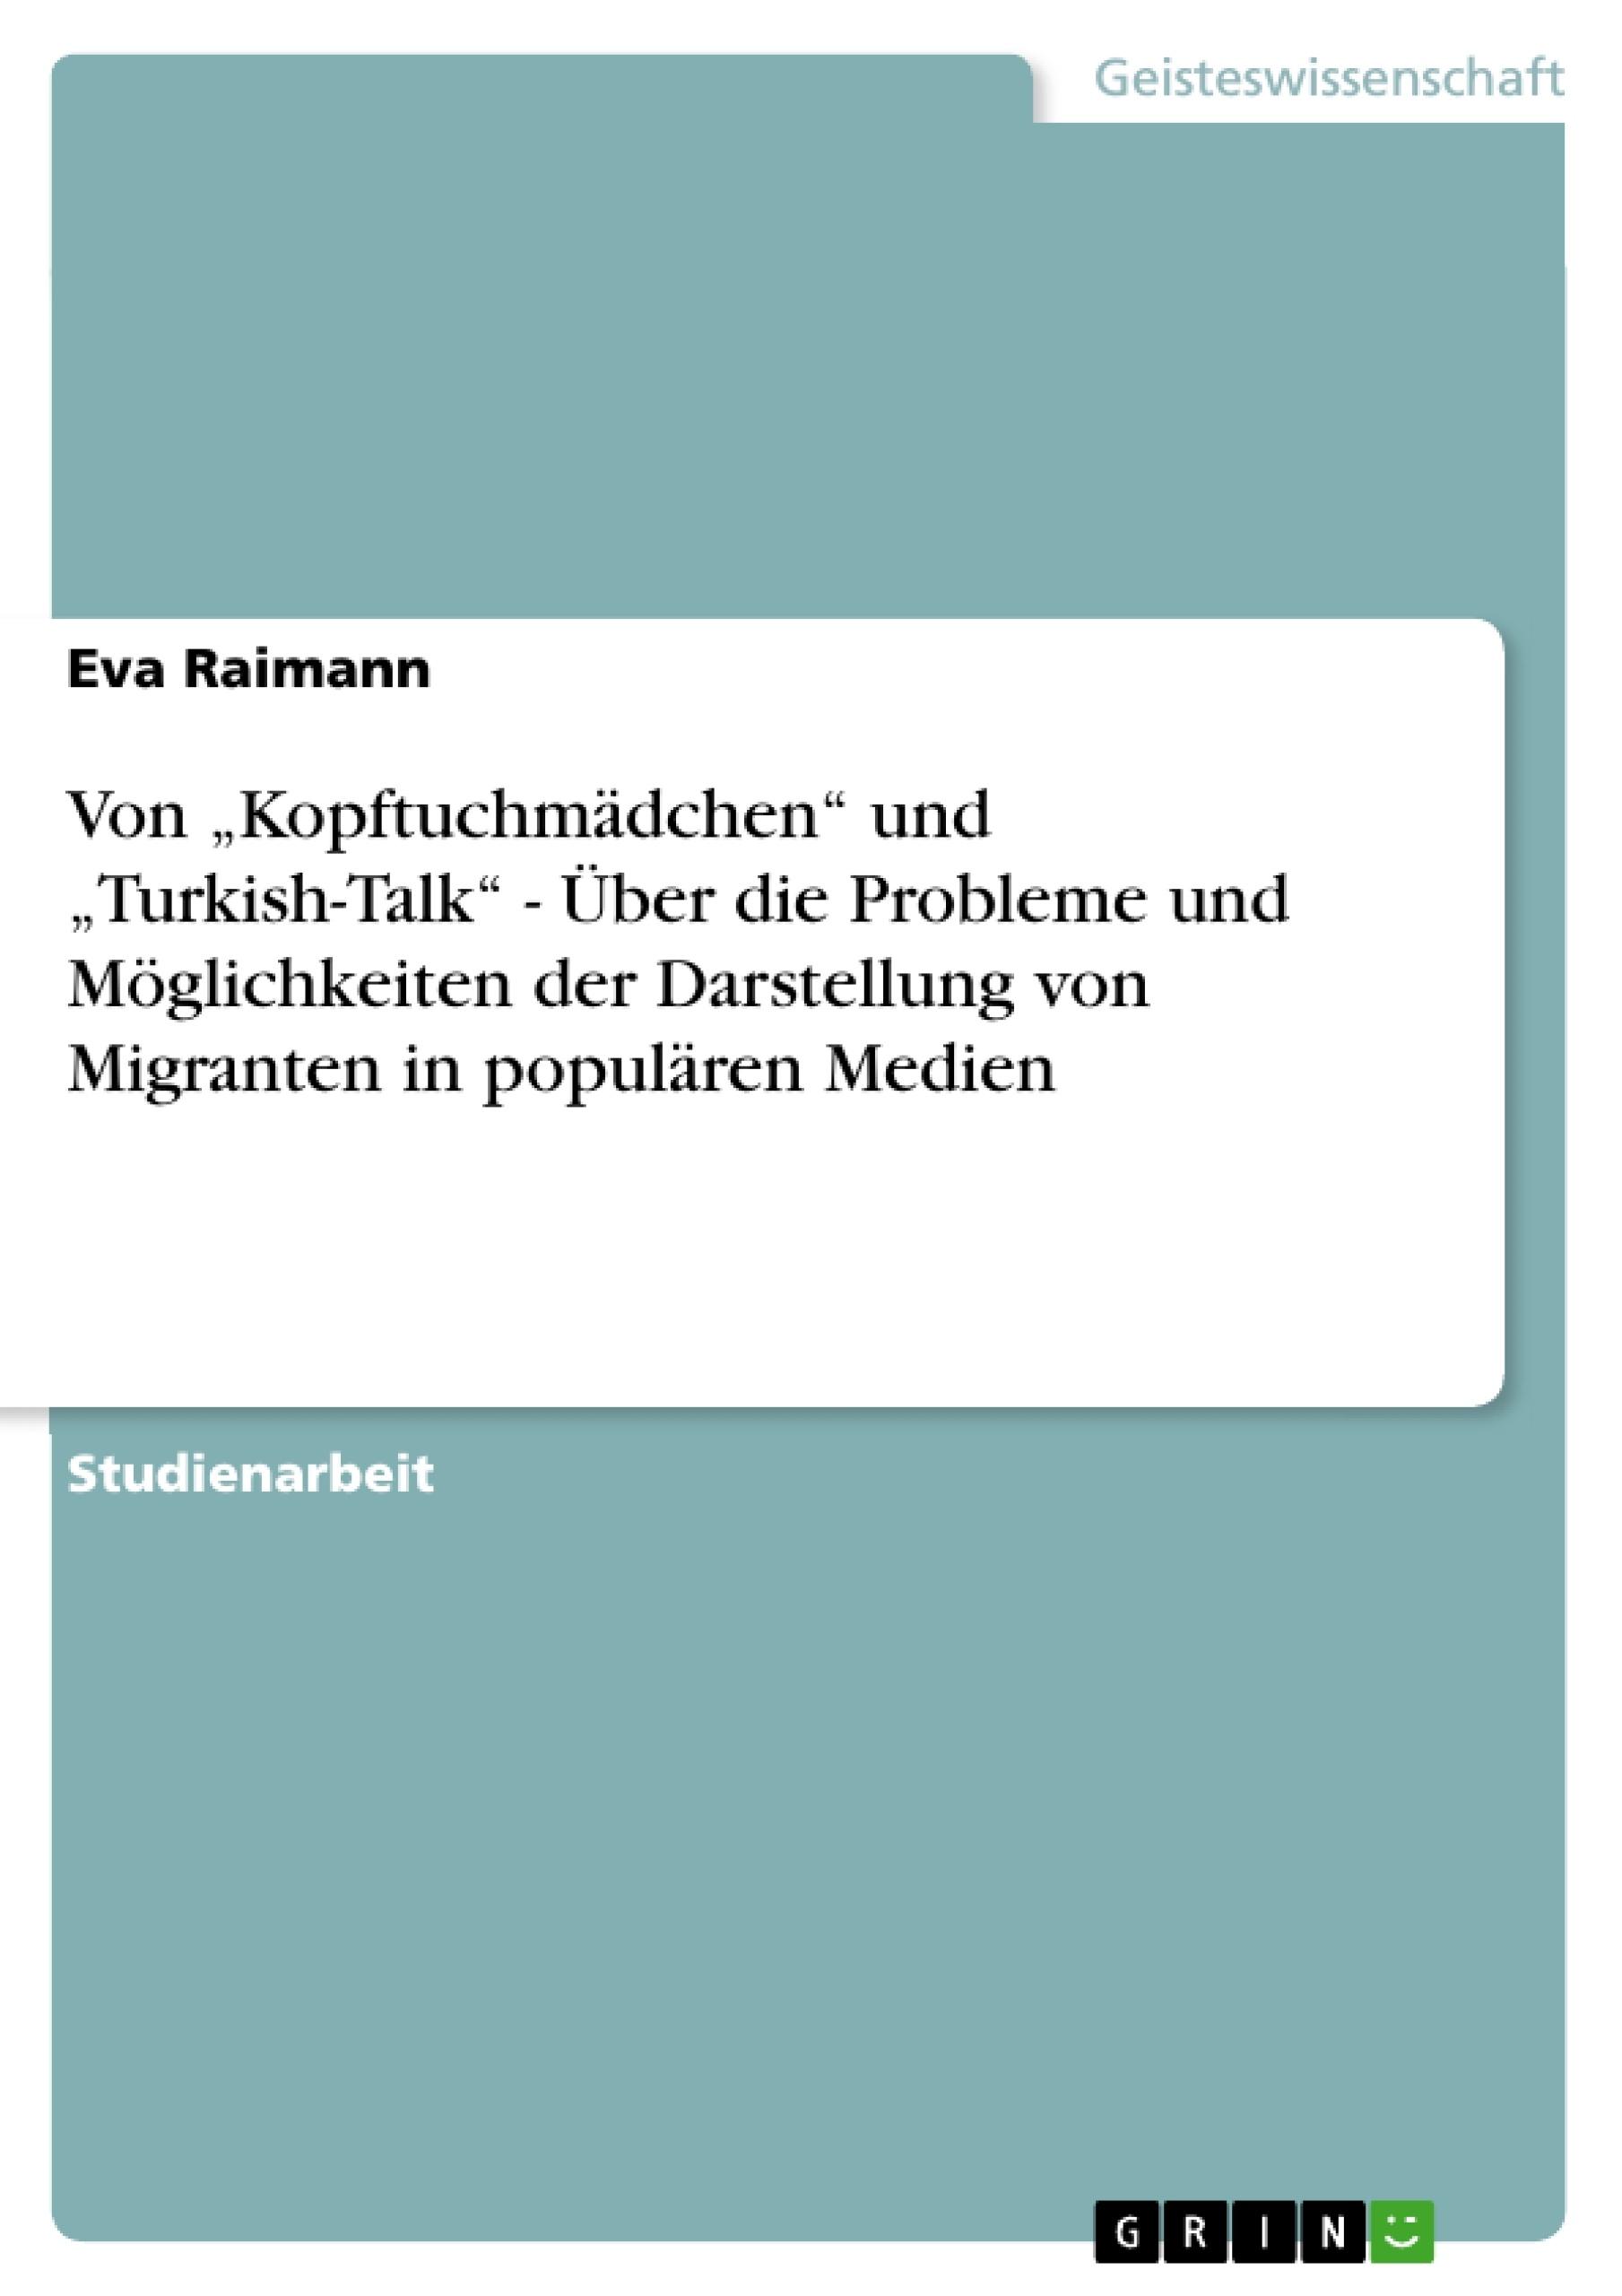 """Titel: Von """"Kopftuchmädchen"""" und """"Turkish-Talk"""" - Über die Probleme und Möglichkeiten der  Darstellung von Migranten in populären Medien"""